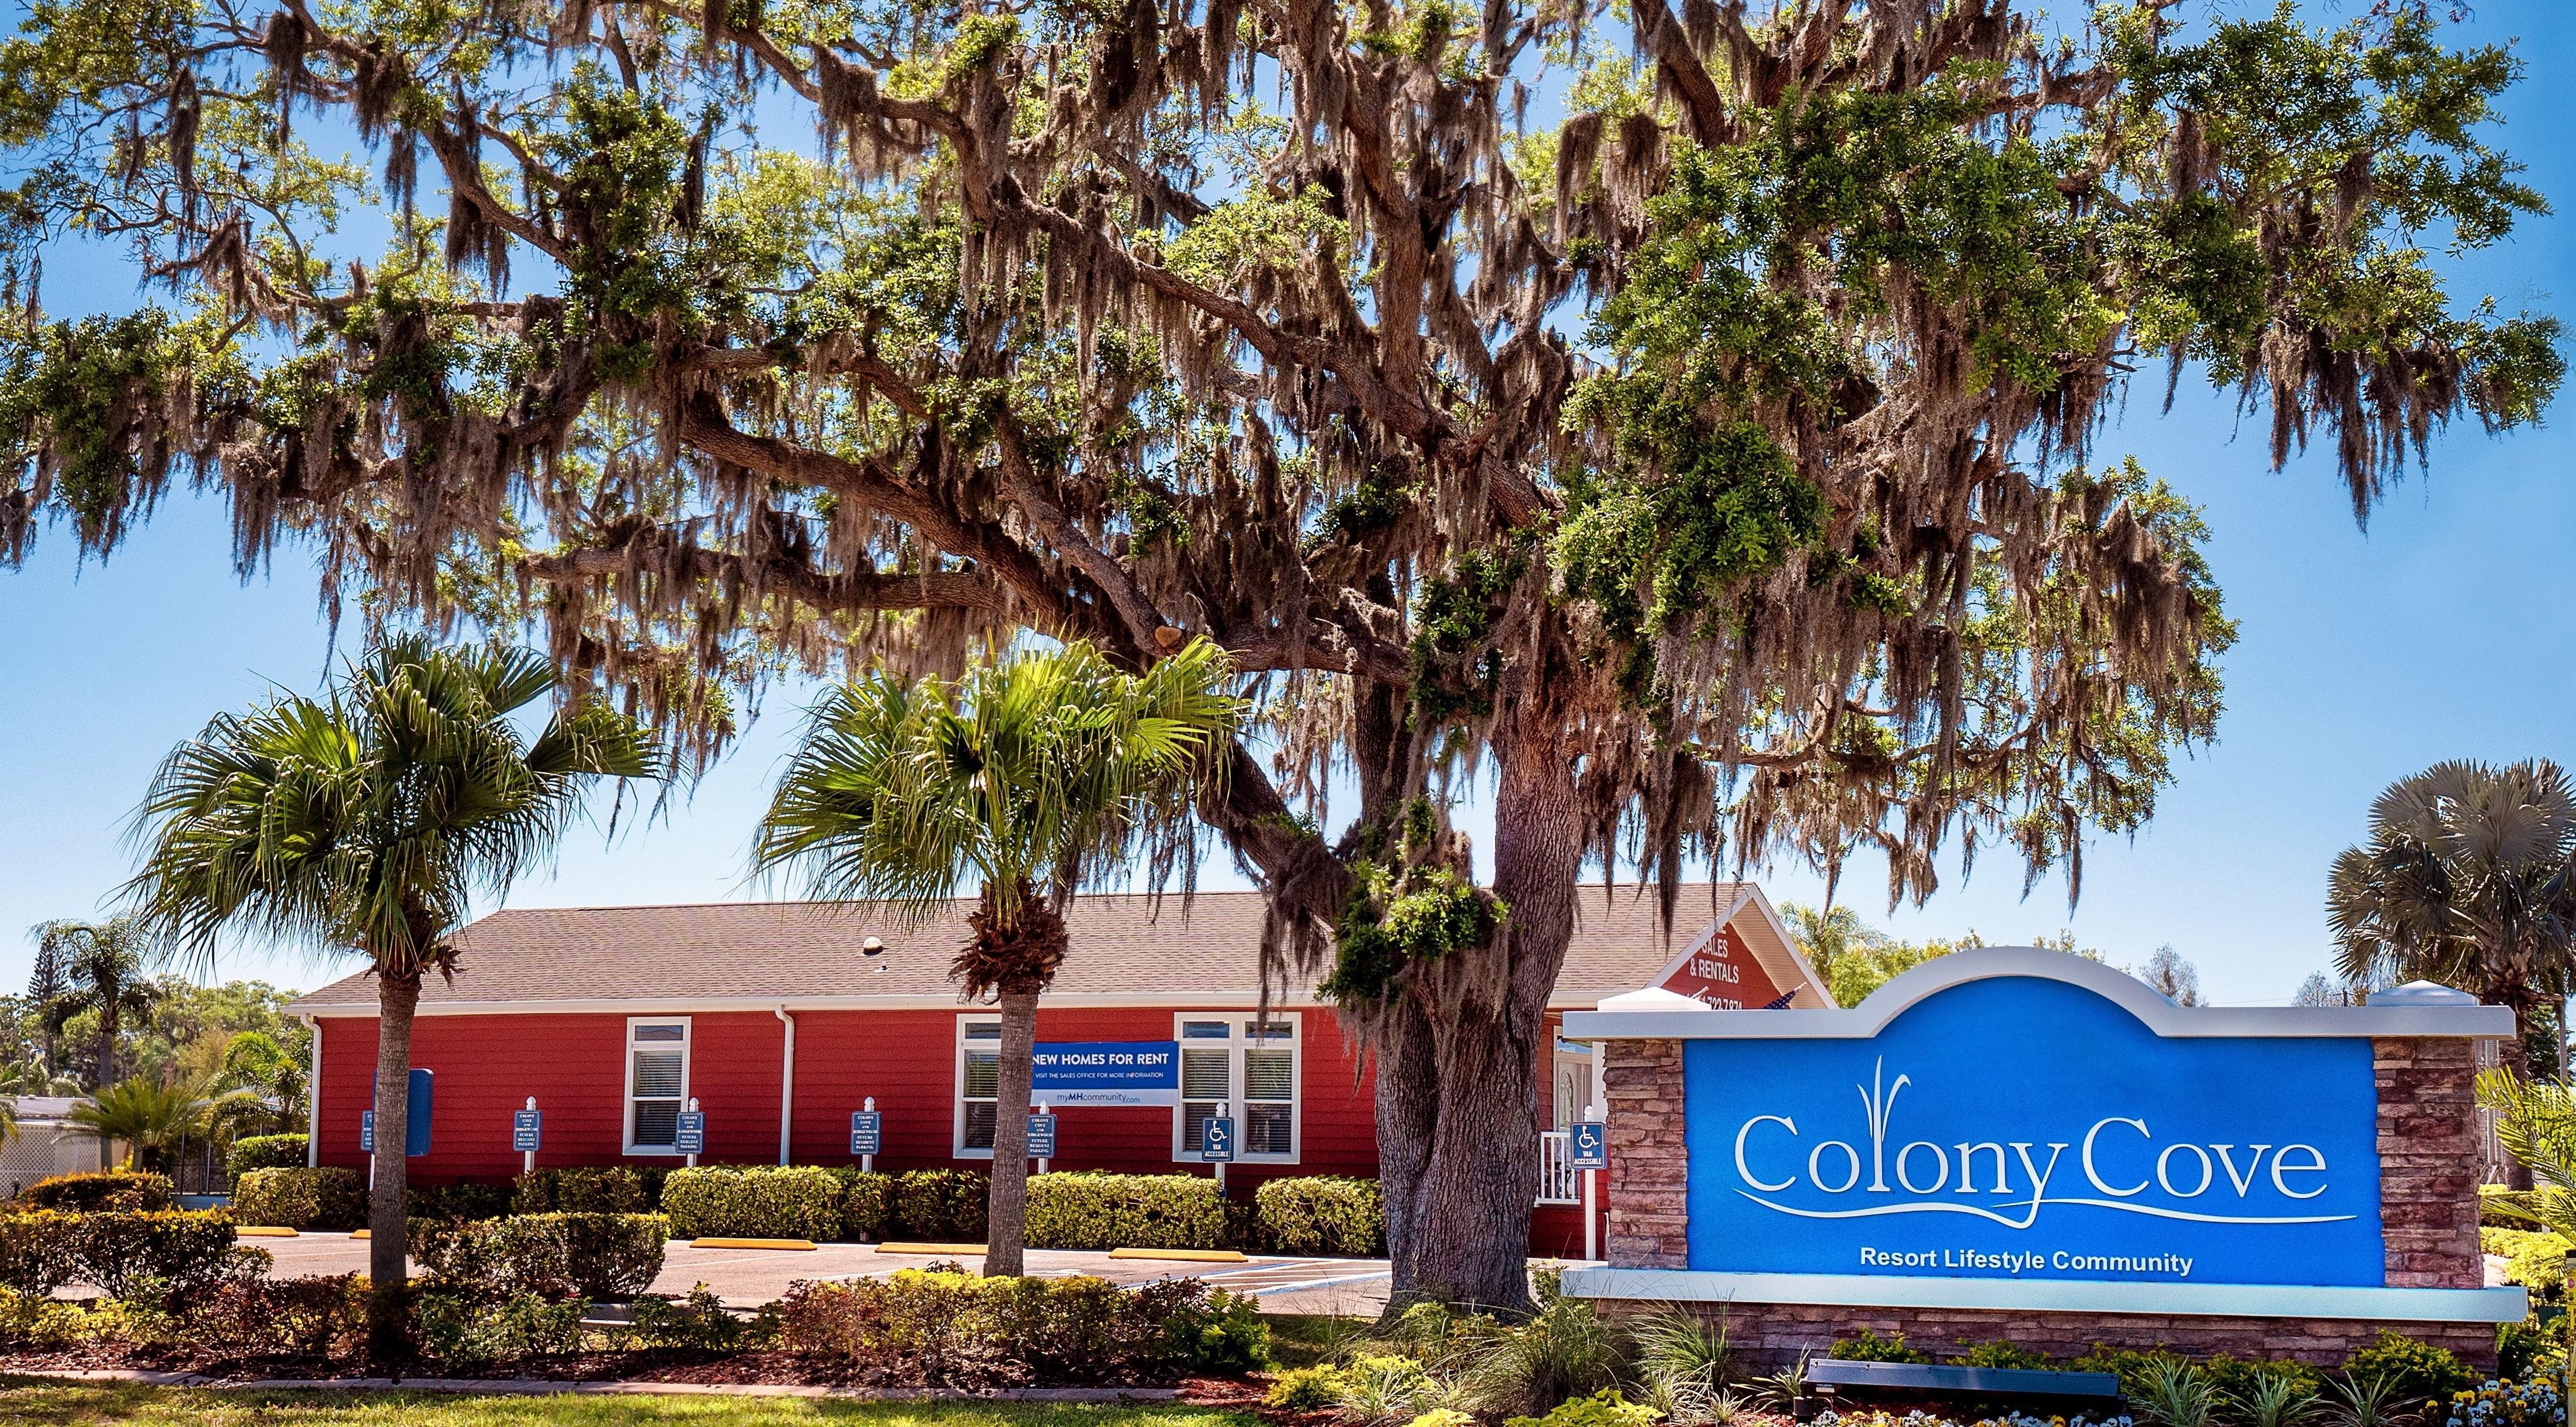 Colony Cove